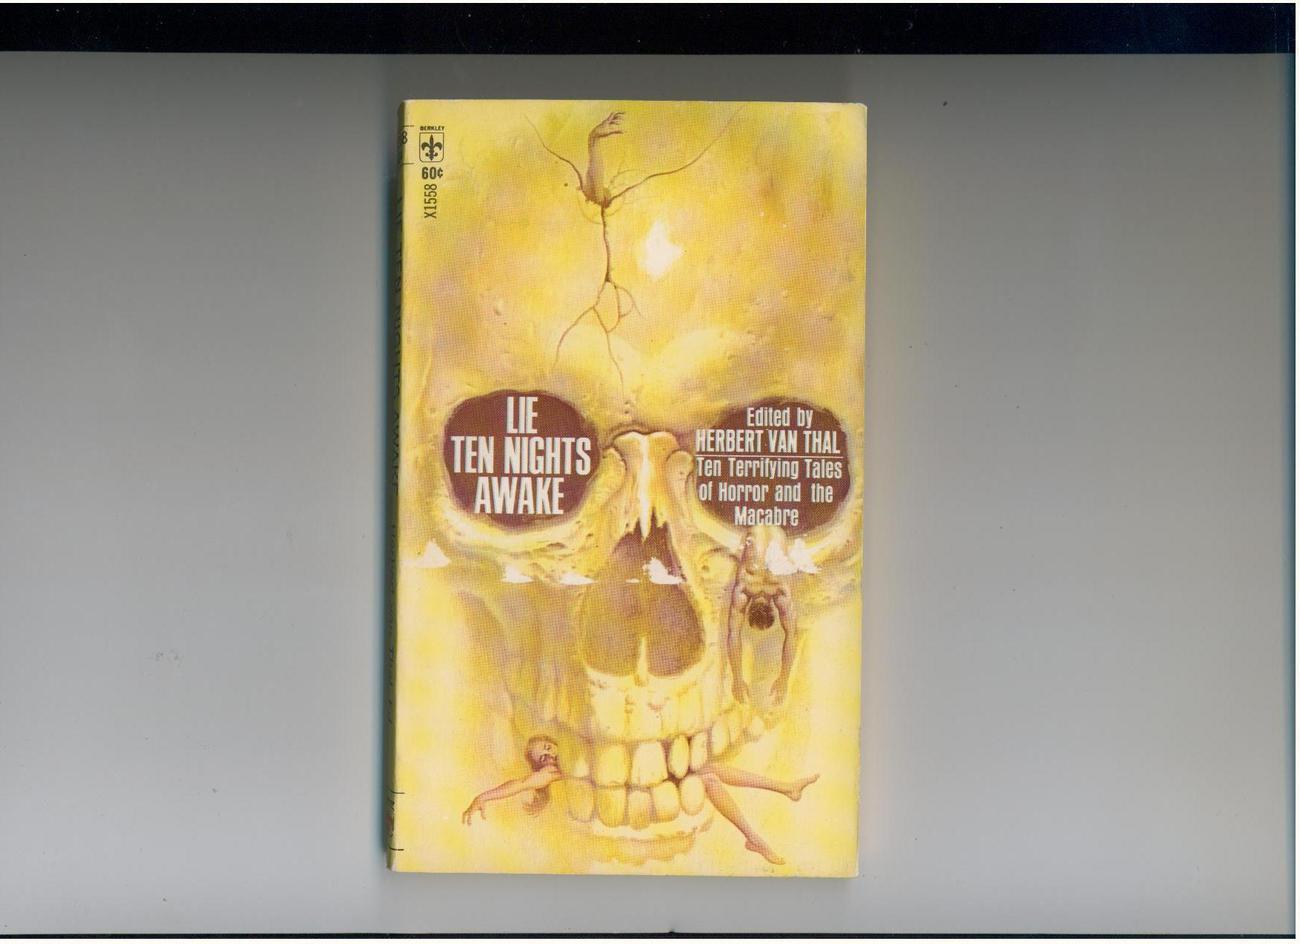 LIE TEN NGHTS AWAKE - 1969 - horror anthology